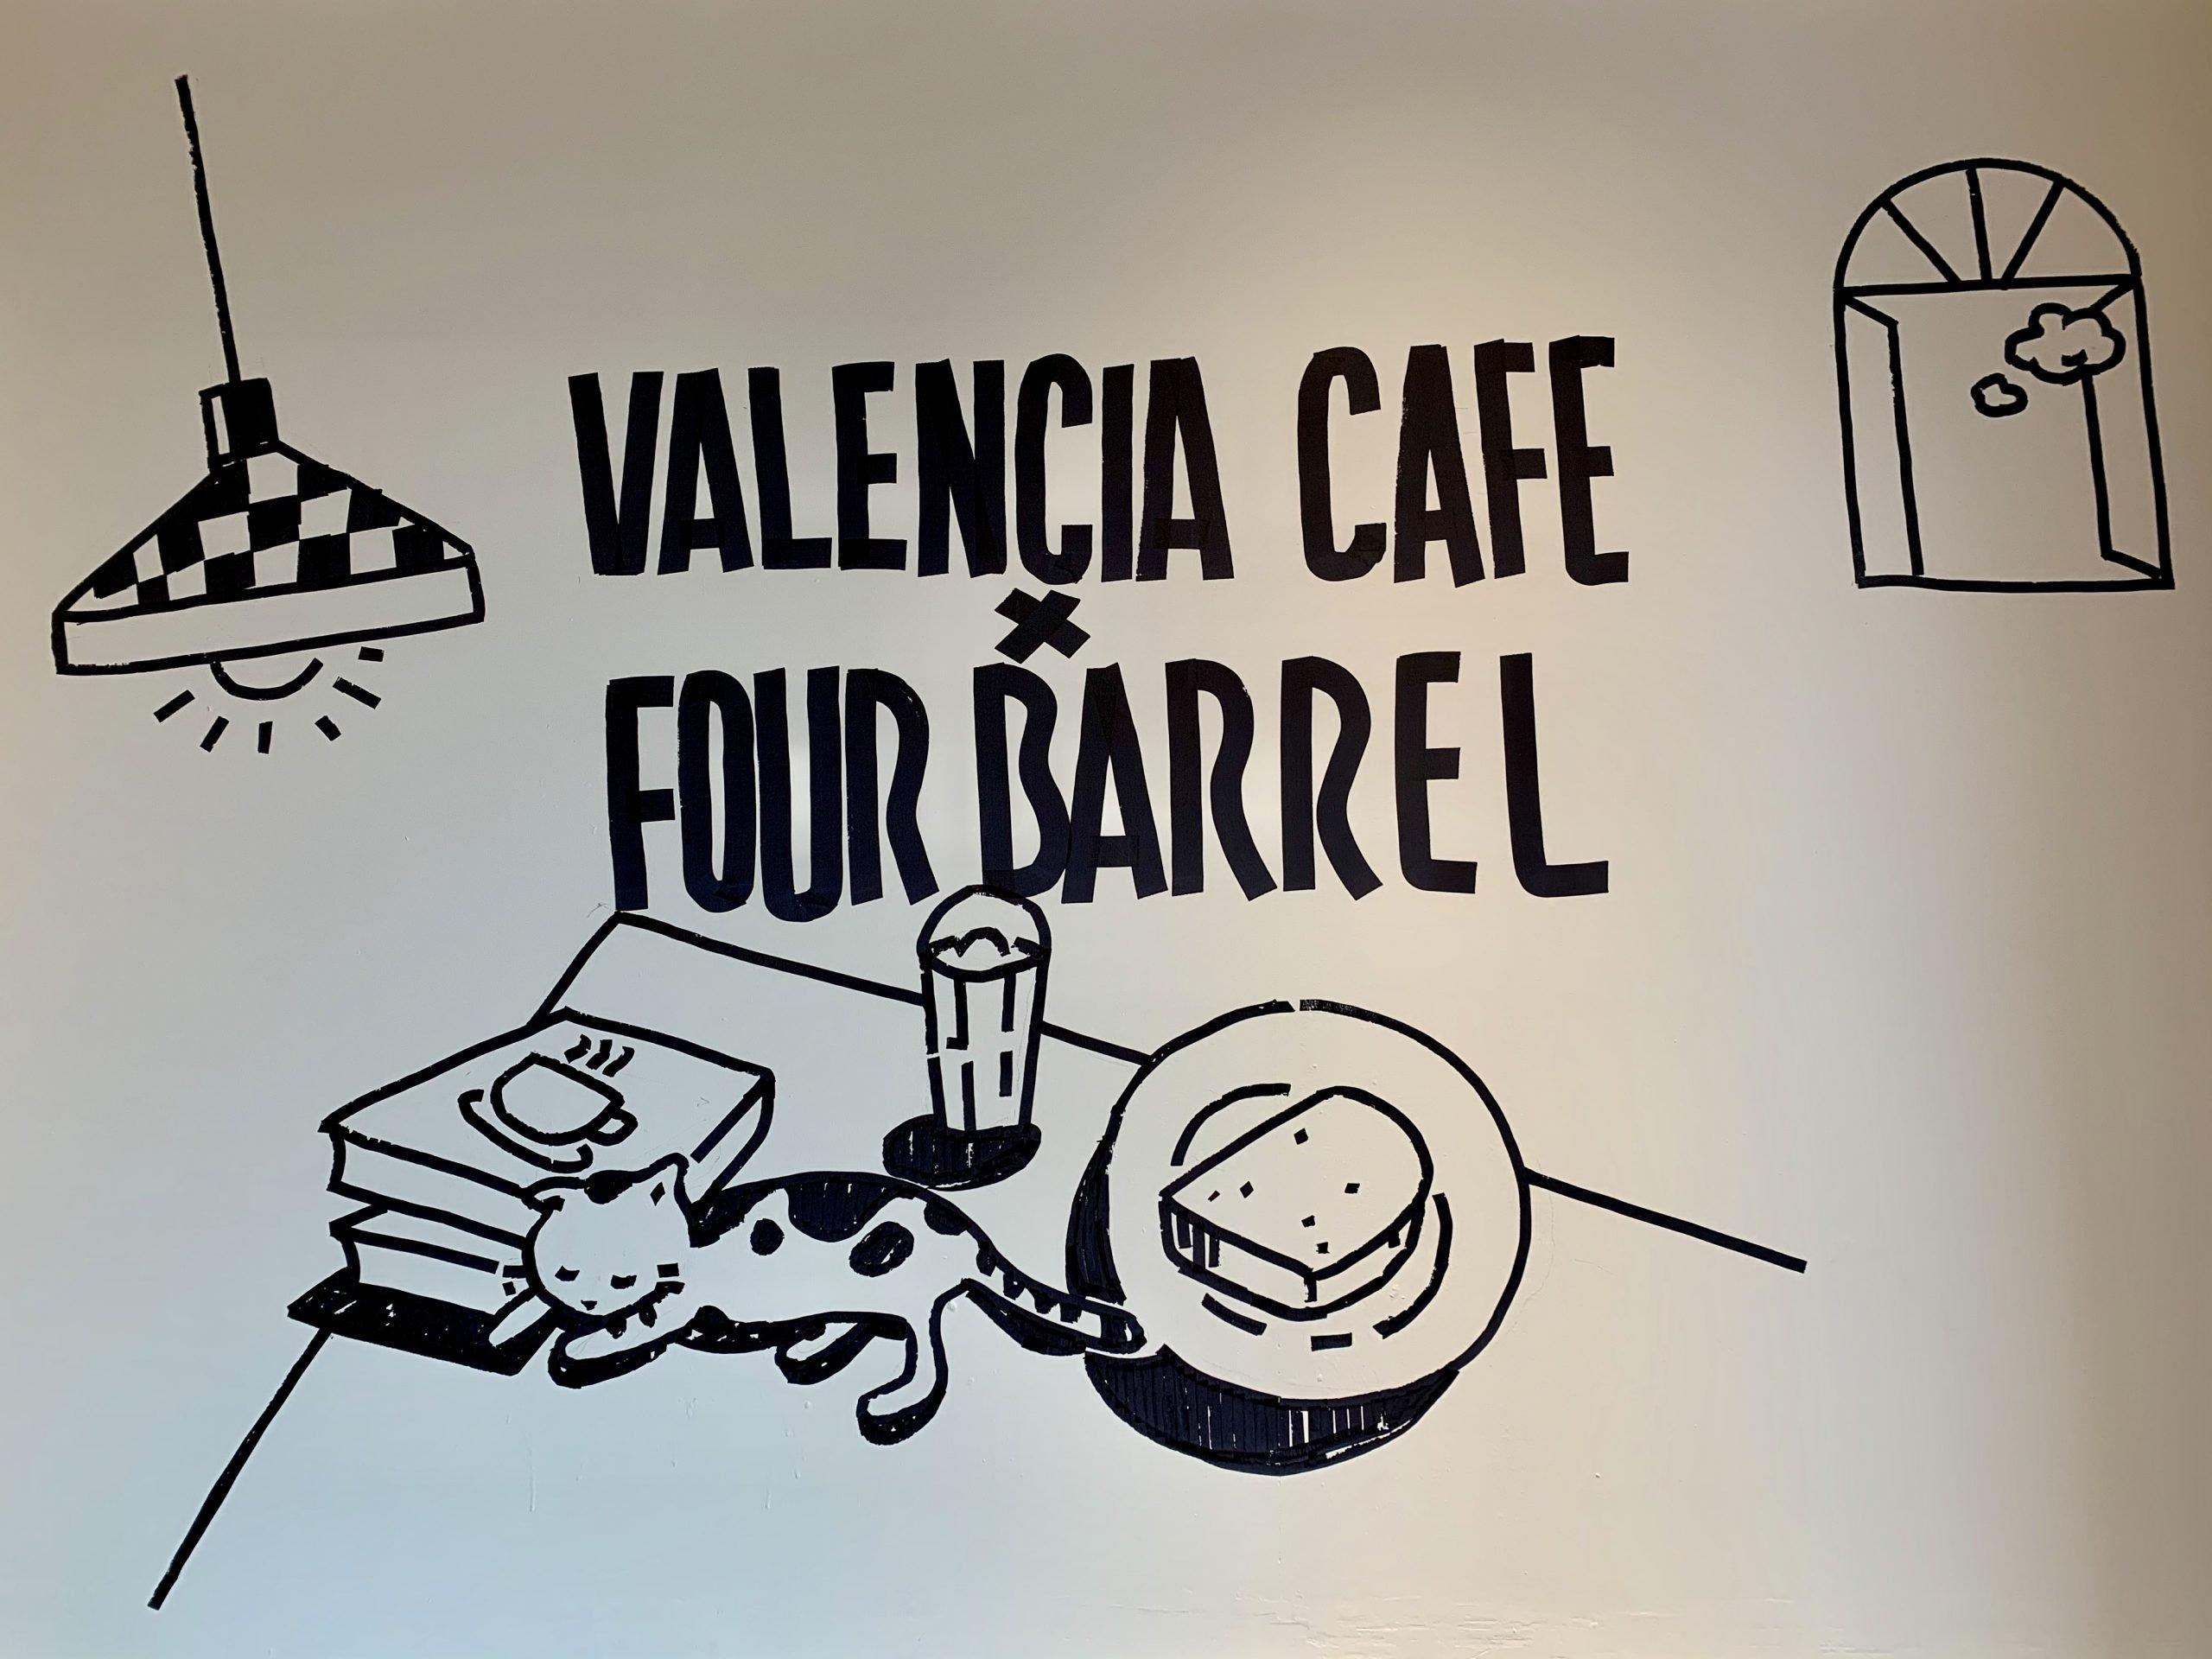 四桶咖啡誠品信義塗鴉